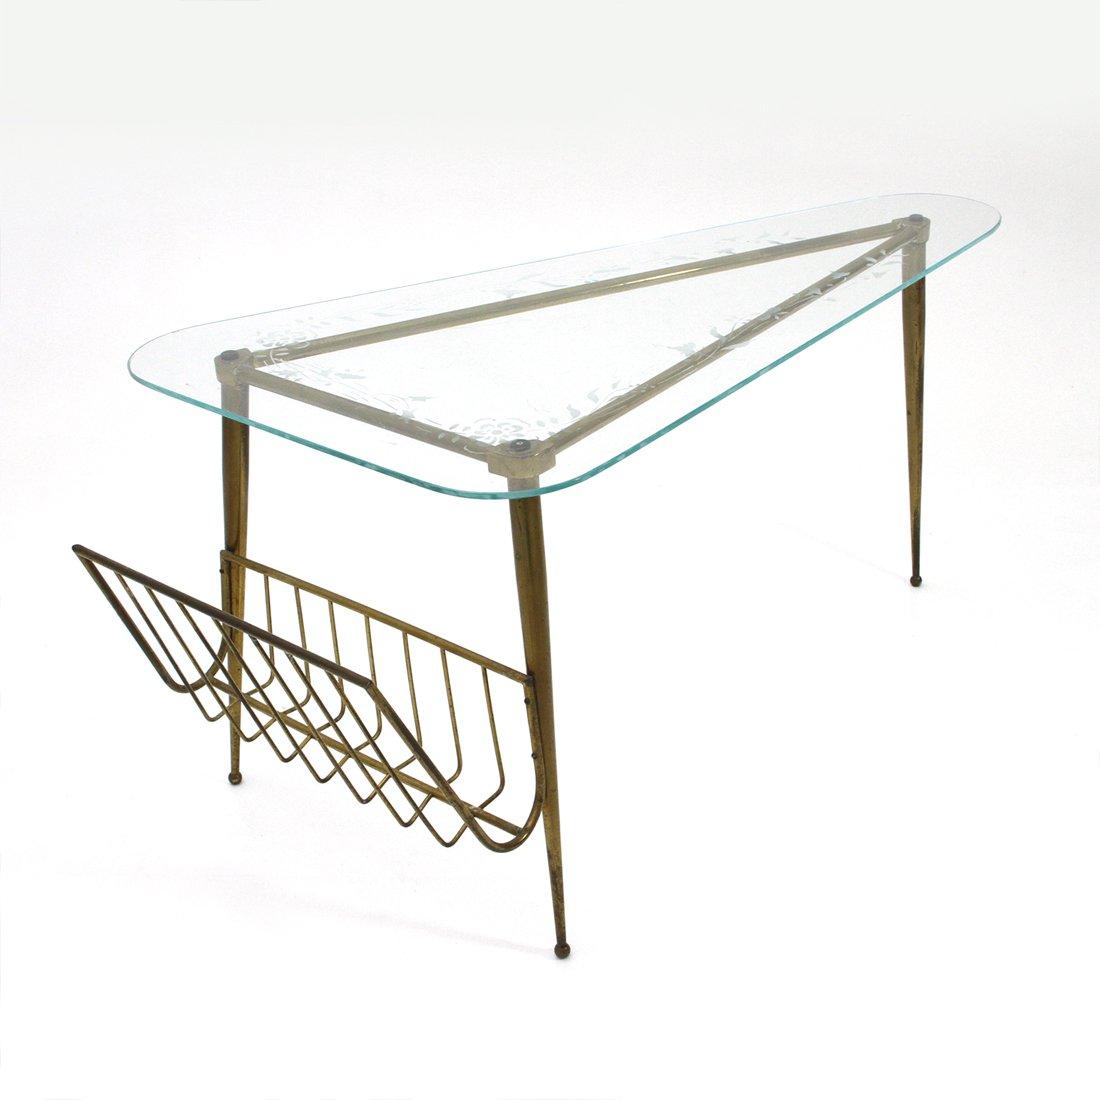 dreieckiger italienischer messing glas couchtisch 1950er bei pamono kaufen. Black Bedroom Furniture Sets. Home Design Ideas